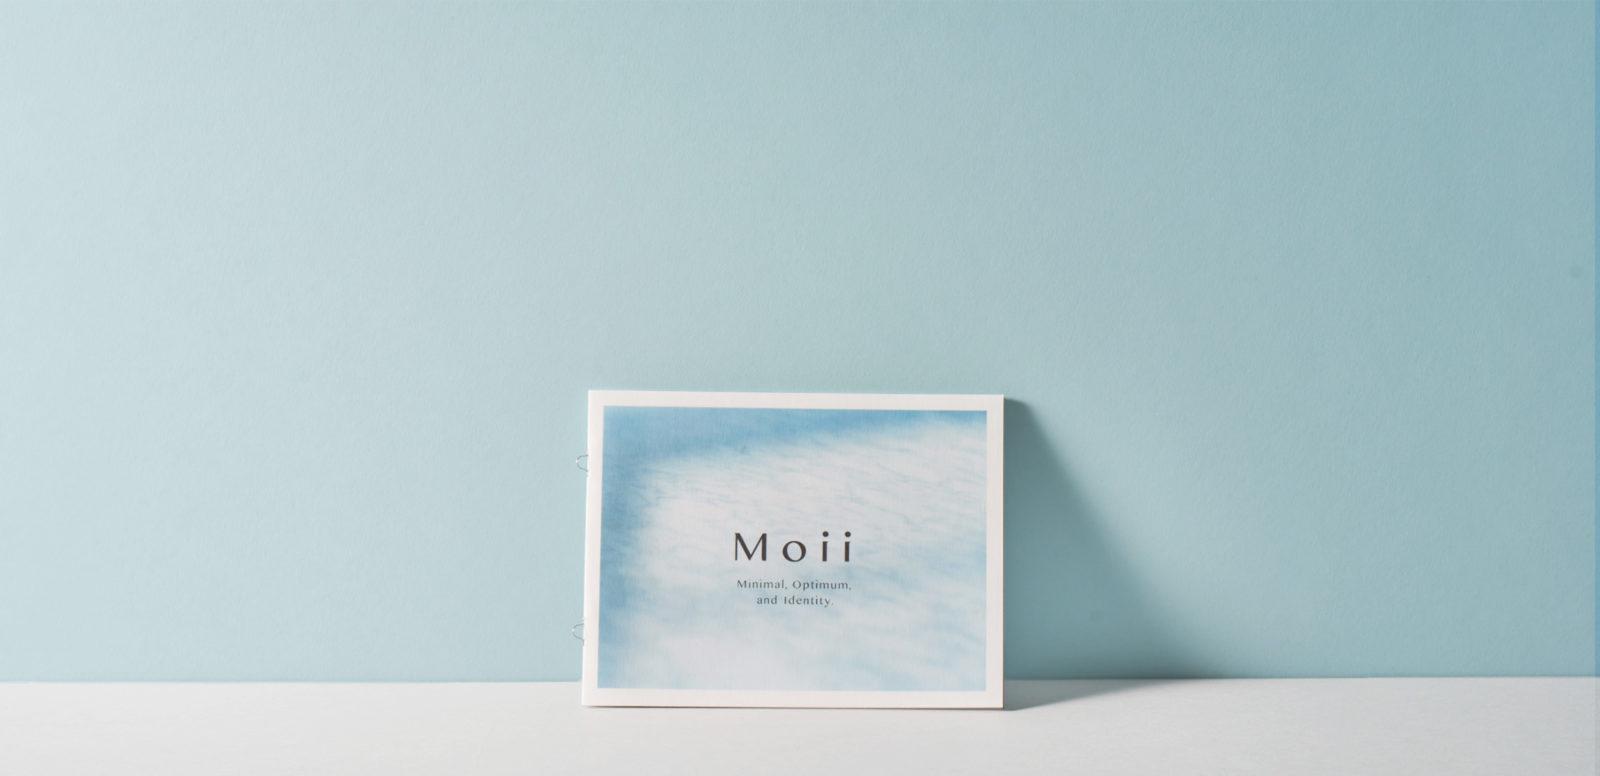 Moii / LebeL